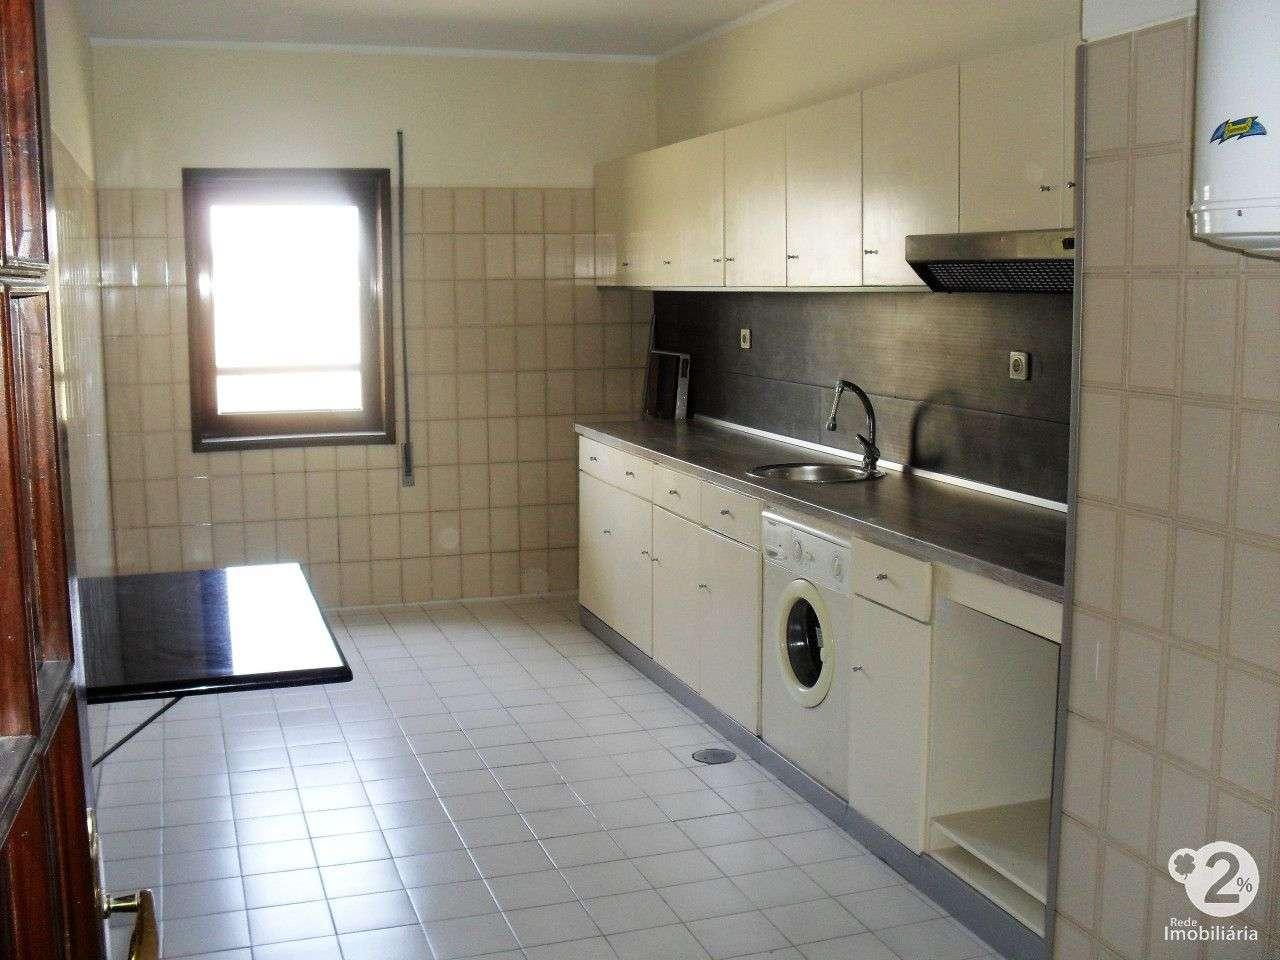 Apartamento para comprar, Águas Santas, Porto - Foto 1